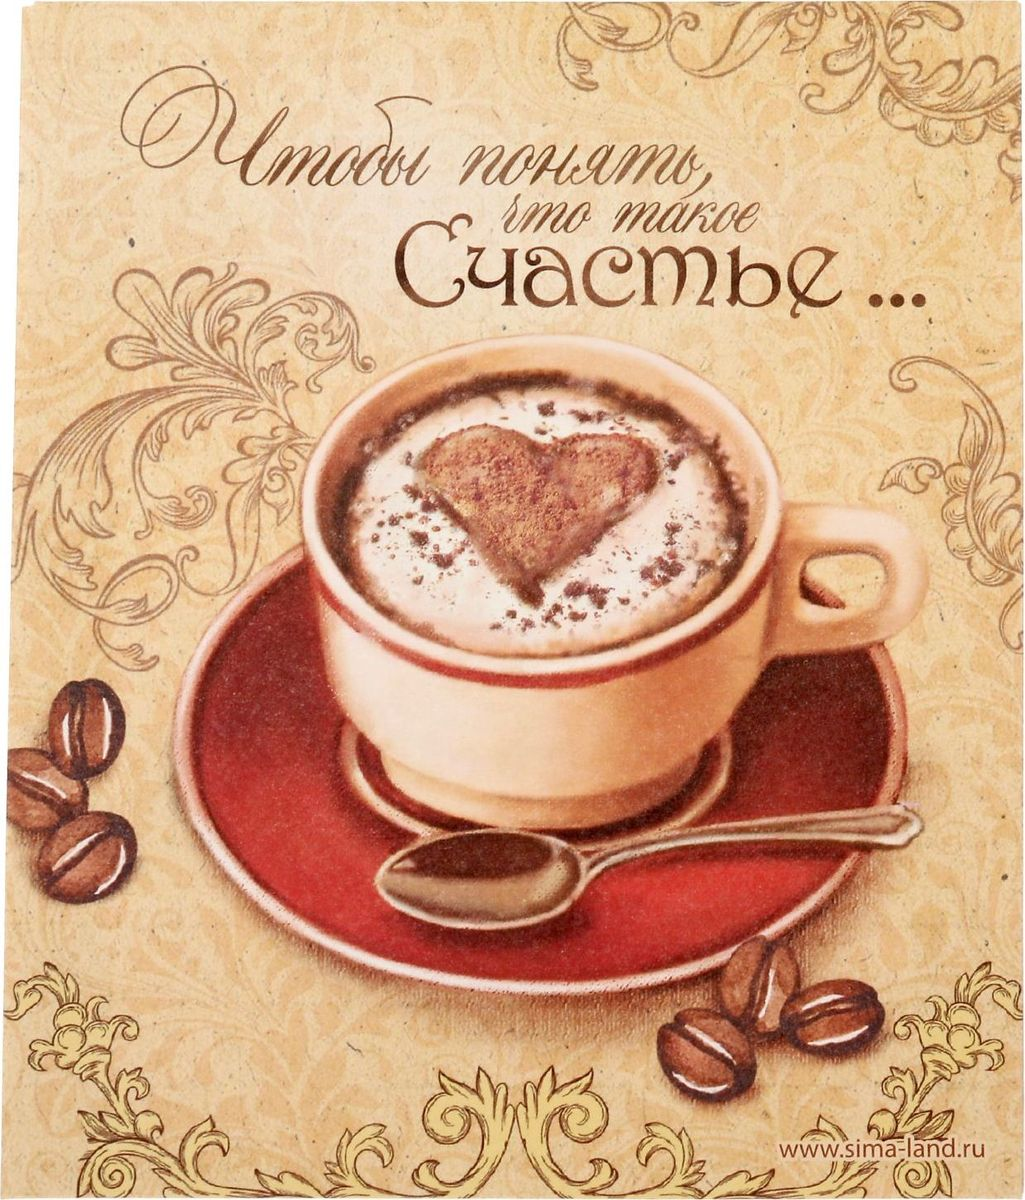 Конверт декоративный Кофейный, 13 х 15,5 см1348736Чудесный бумажный конвертик подойдет для упаковки небольшого подарка или сувенира. Он послужит прекрасным оформлением для сладостей, чая, кофе или бижутерии. На нем есть место для теплых слов и пожеланий, имени адресата или отправителя.